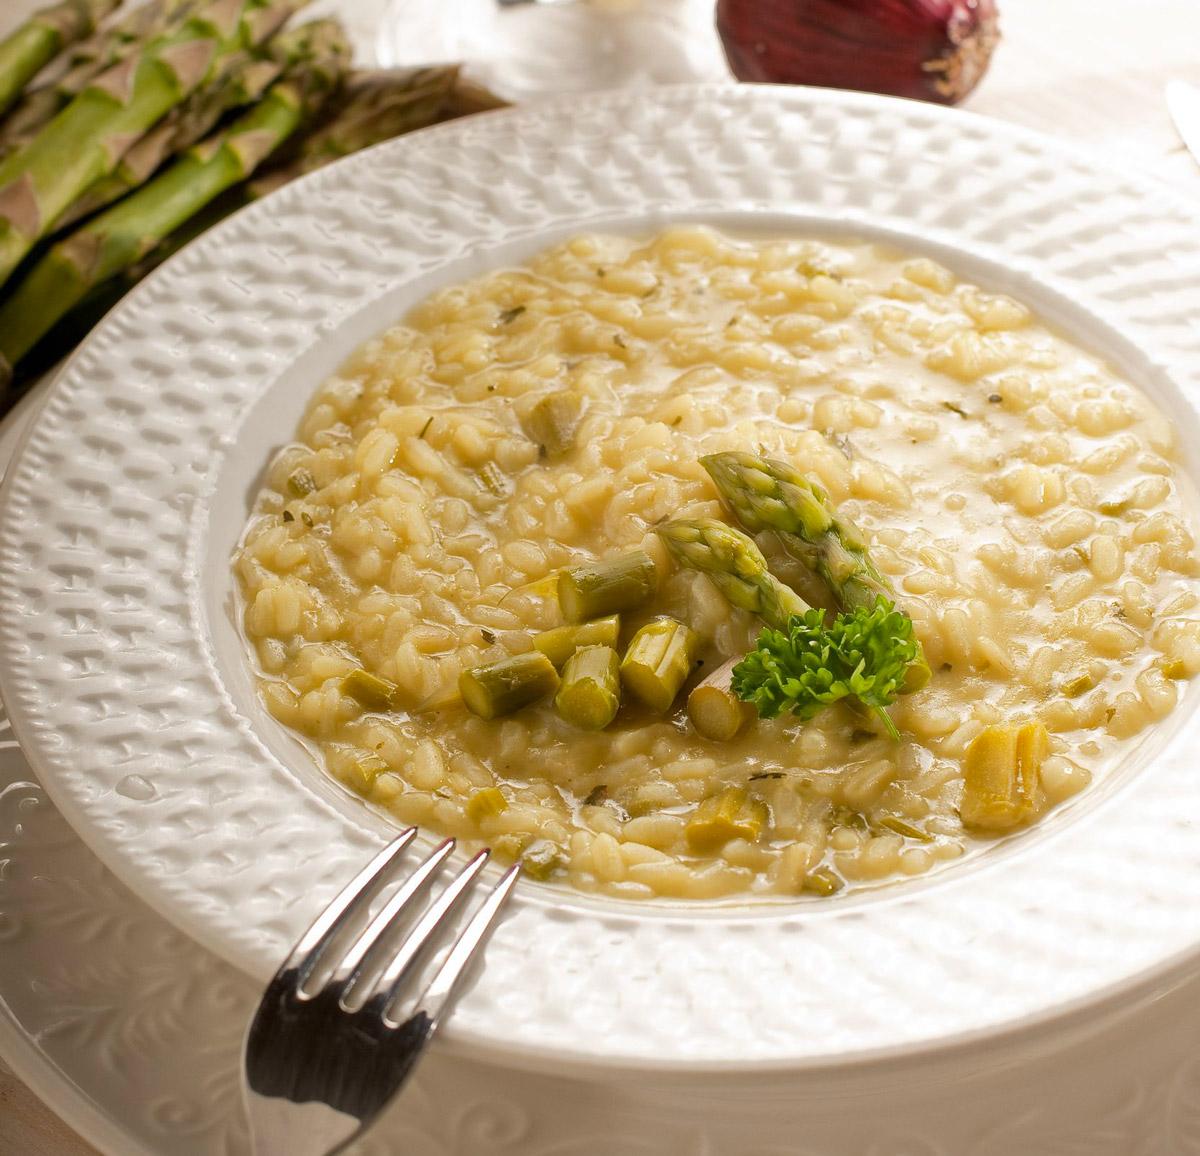 Ricetta Risotto Asparagi Parmigiano.Risotto Con Gli Asparagi Mantecato Al Parmigiano Gala Supermercati